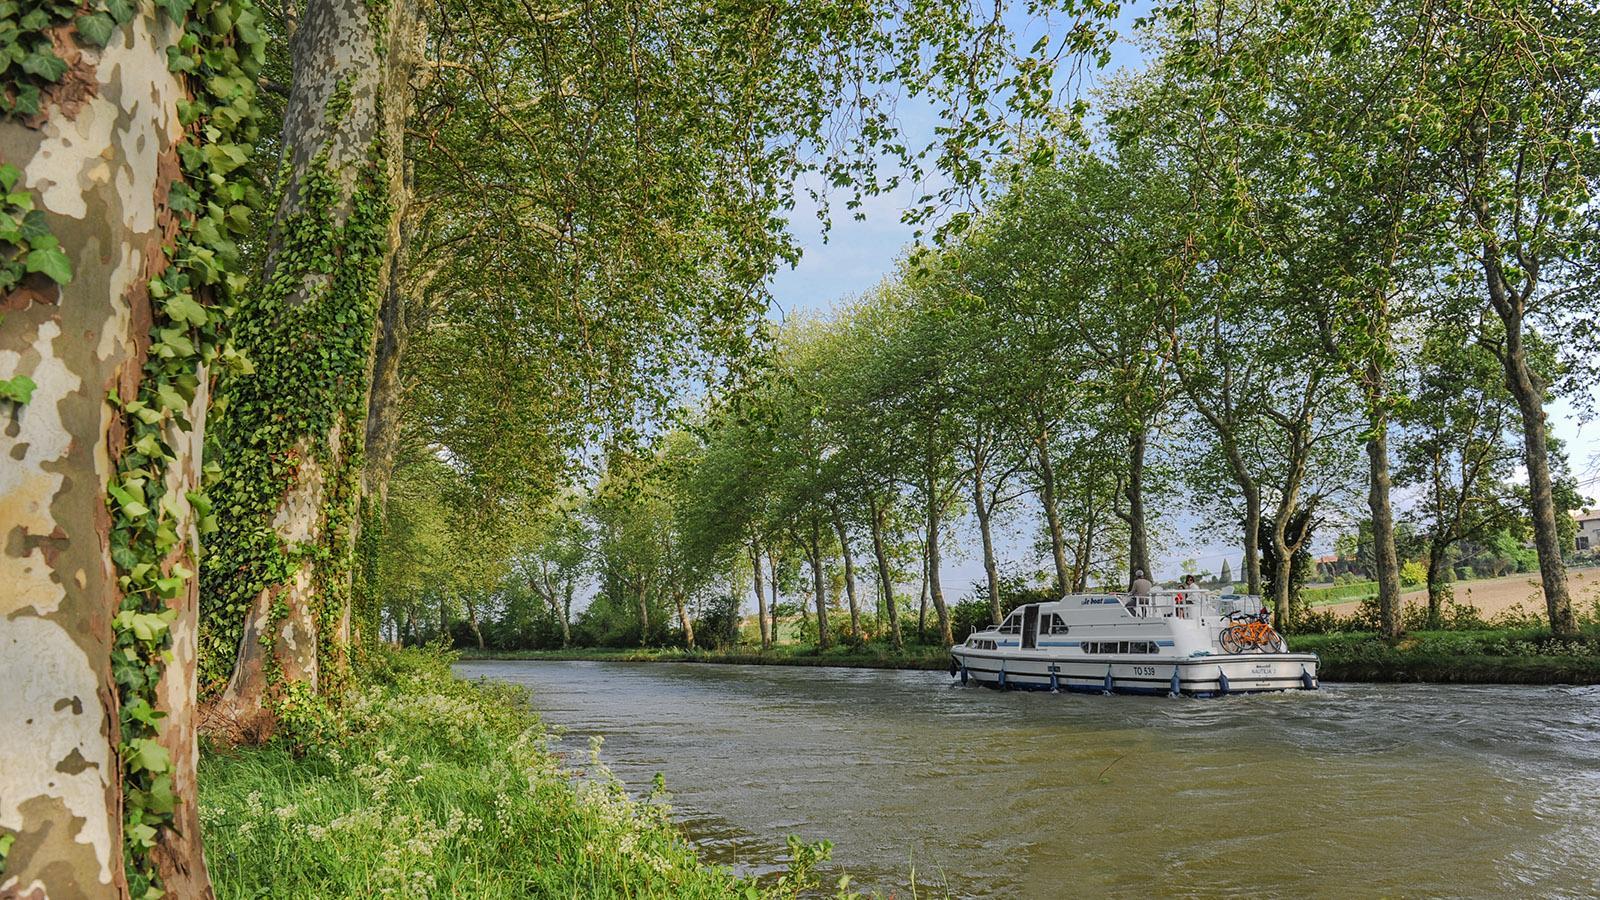 Canal du Midi: Platanen säumen den Wasserweg. Foto: Hilke Maunder